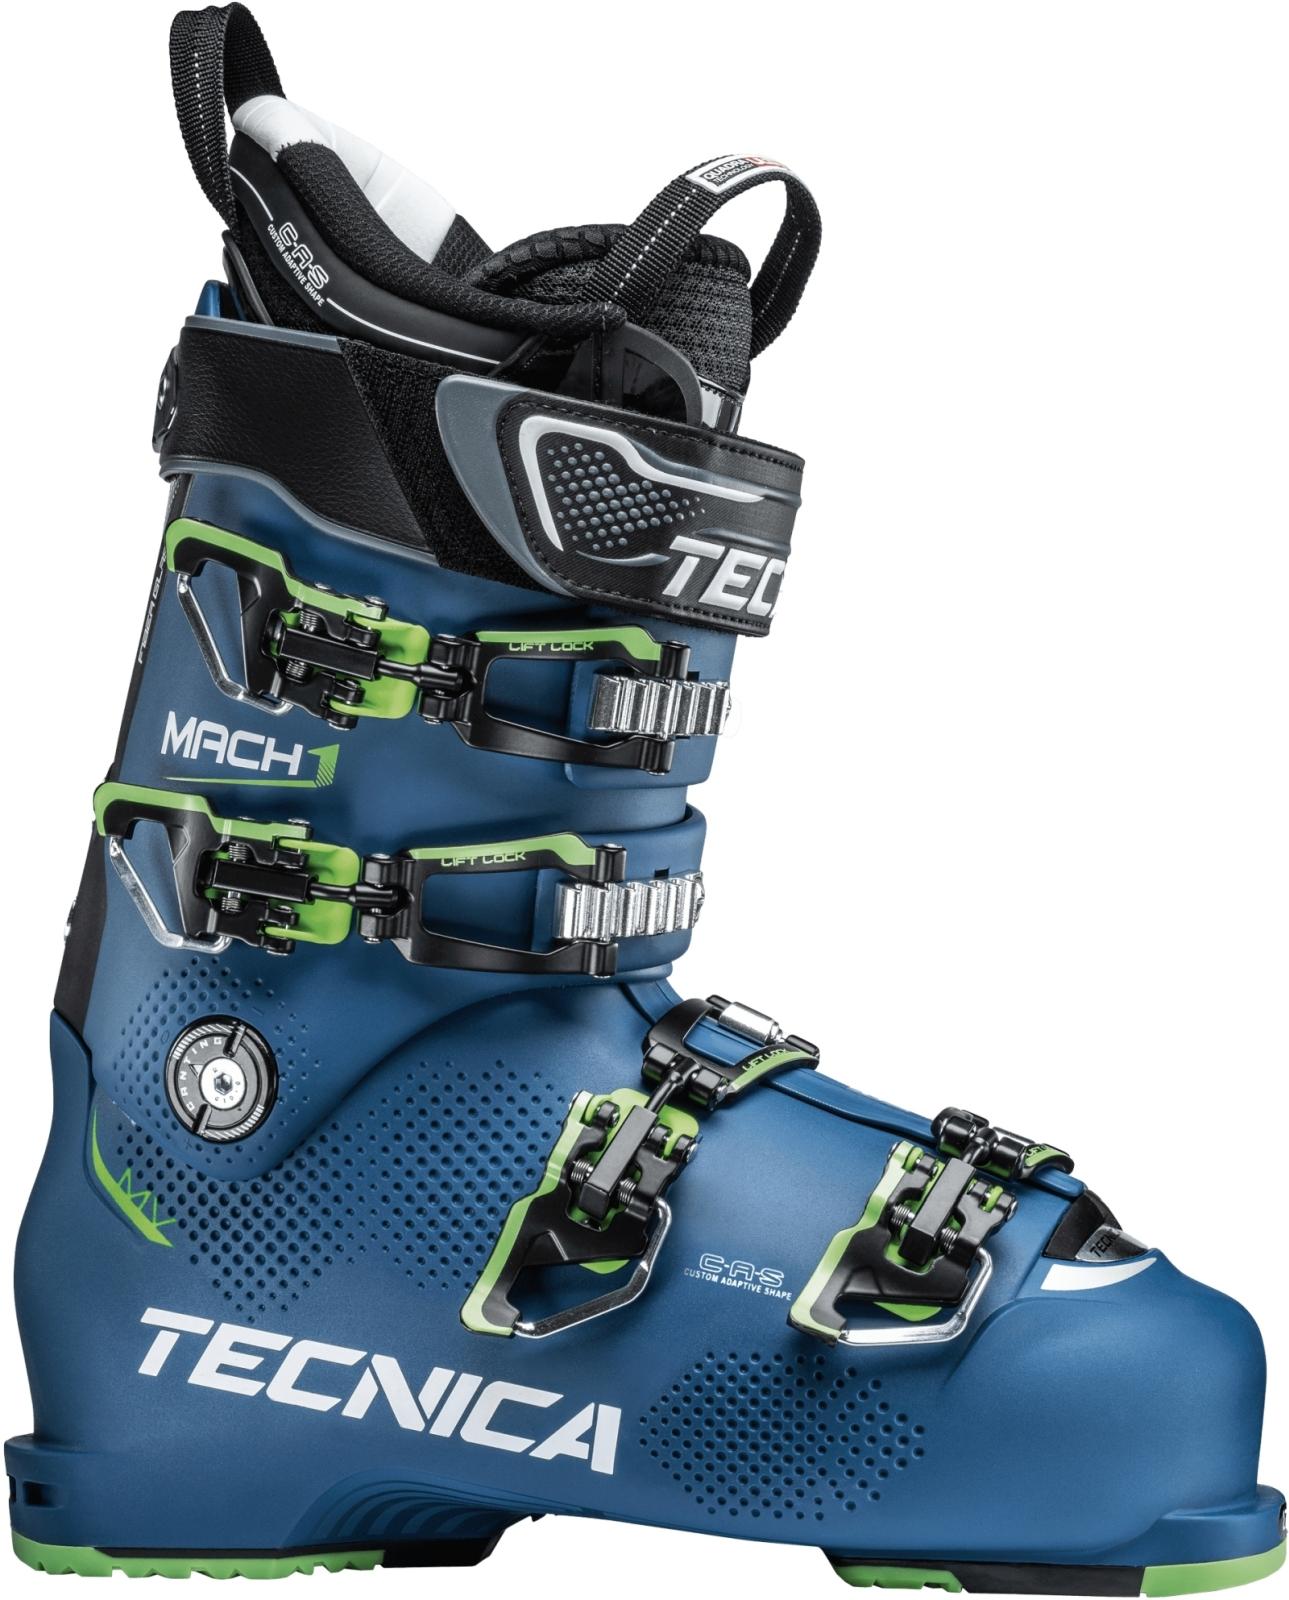 64e4bb12902 Lyžařské boty Tecnica Mach1 120 MV - dark process blue - Ski a Bike ...